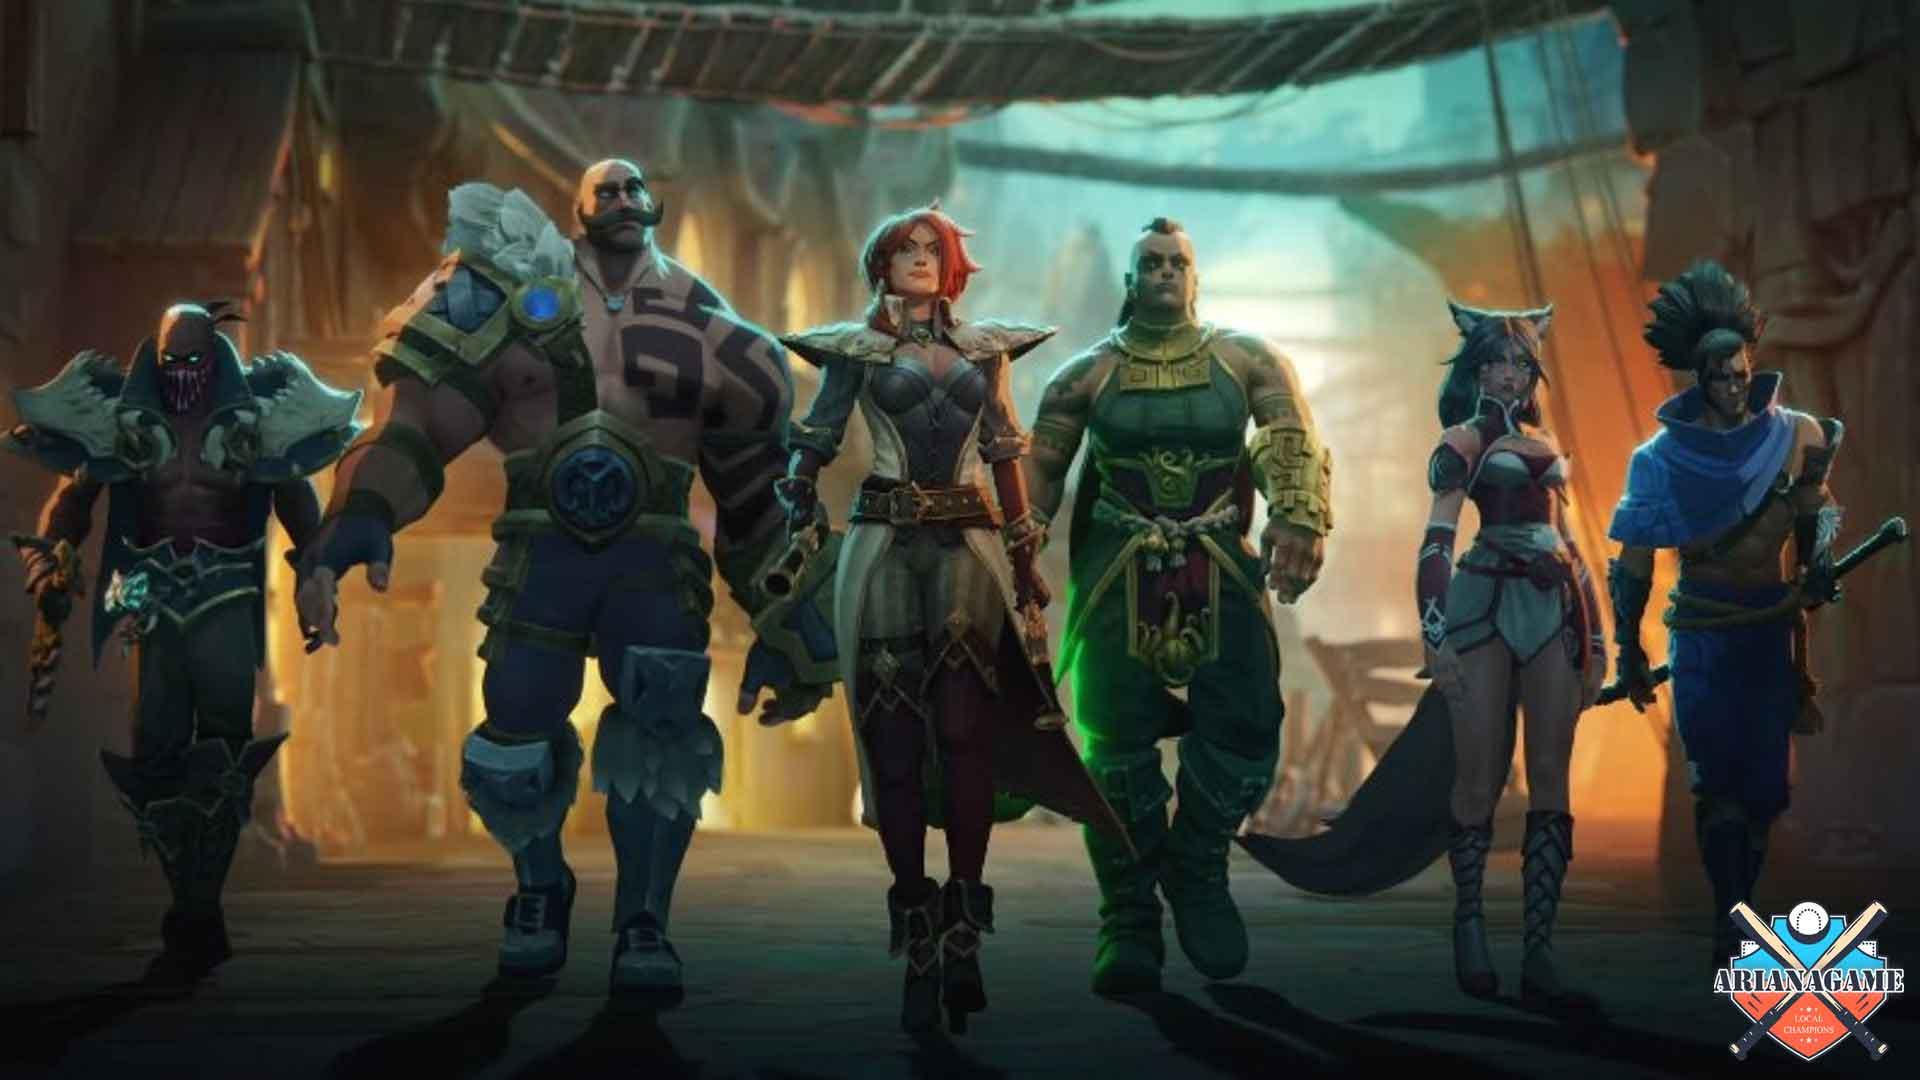 خرید بازی Ruined King: A League of Legends story برای PC